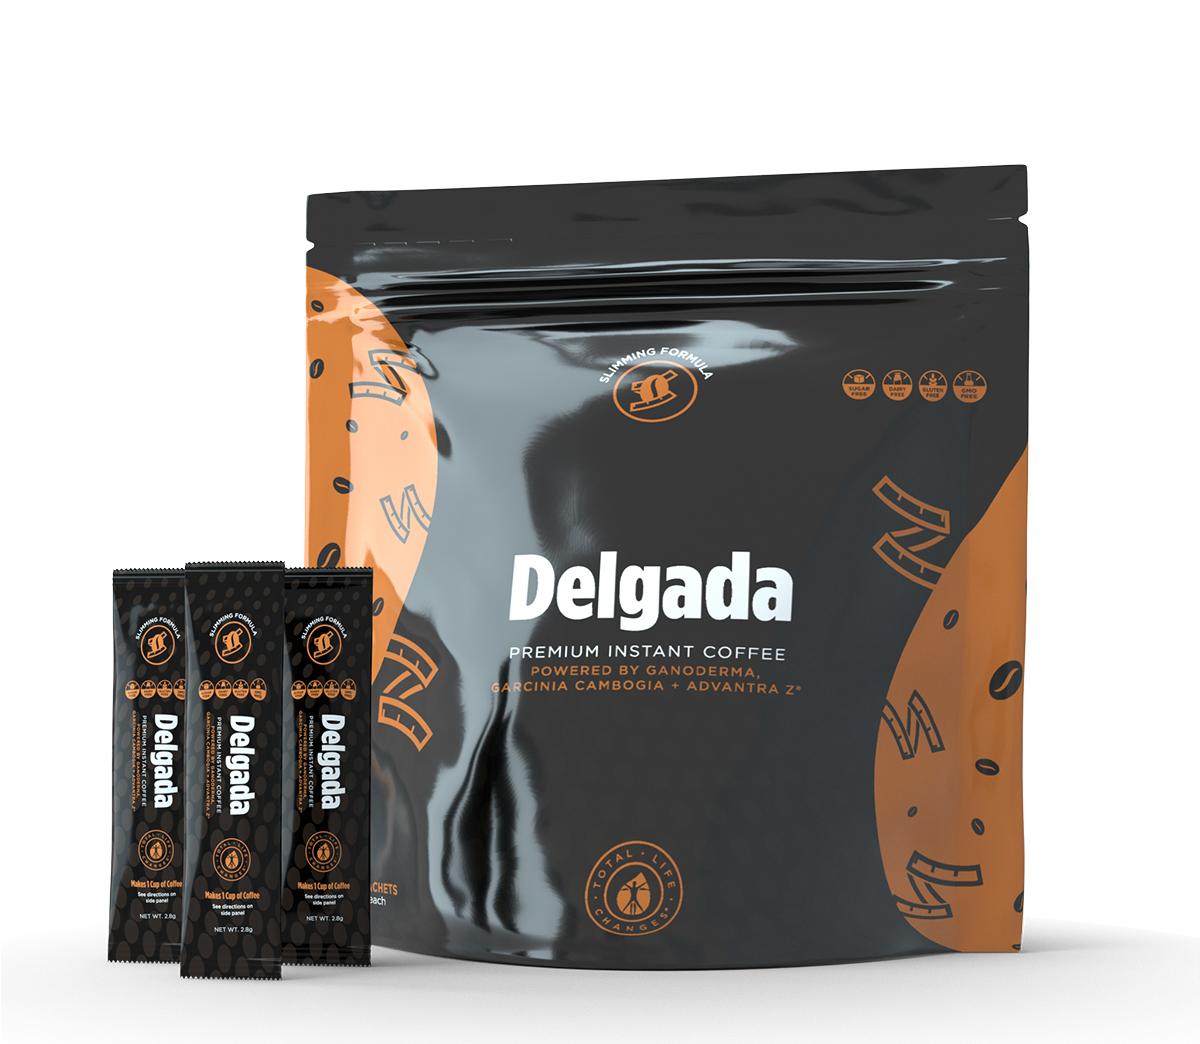 Iaso Delgada Premium koffie voor een week